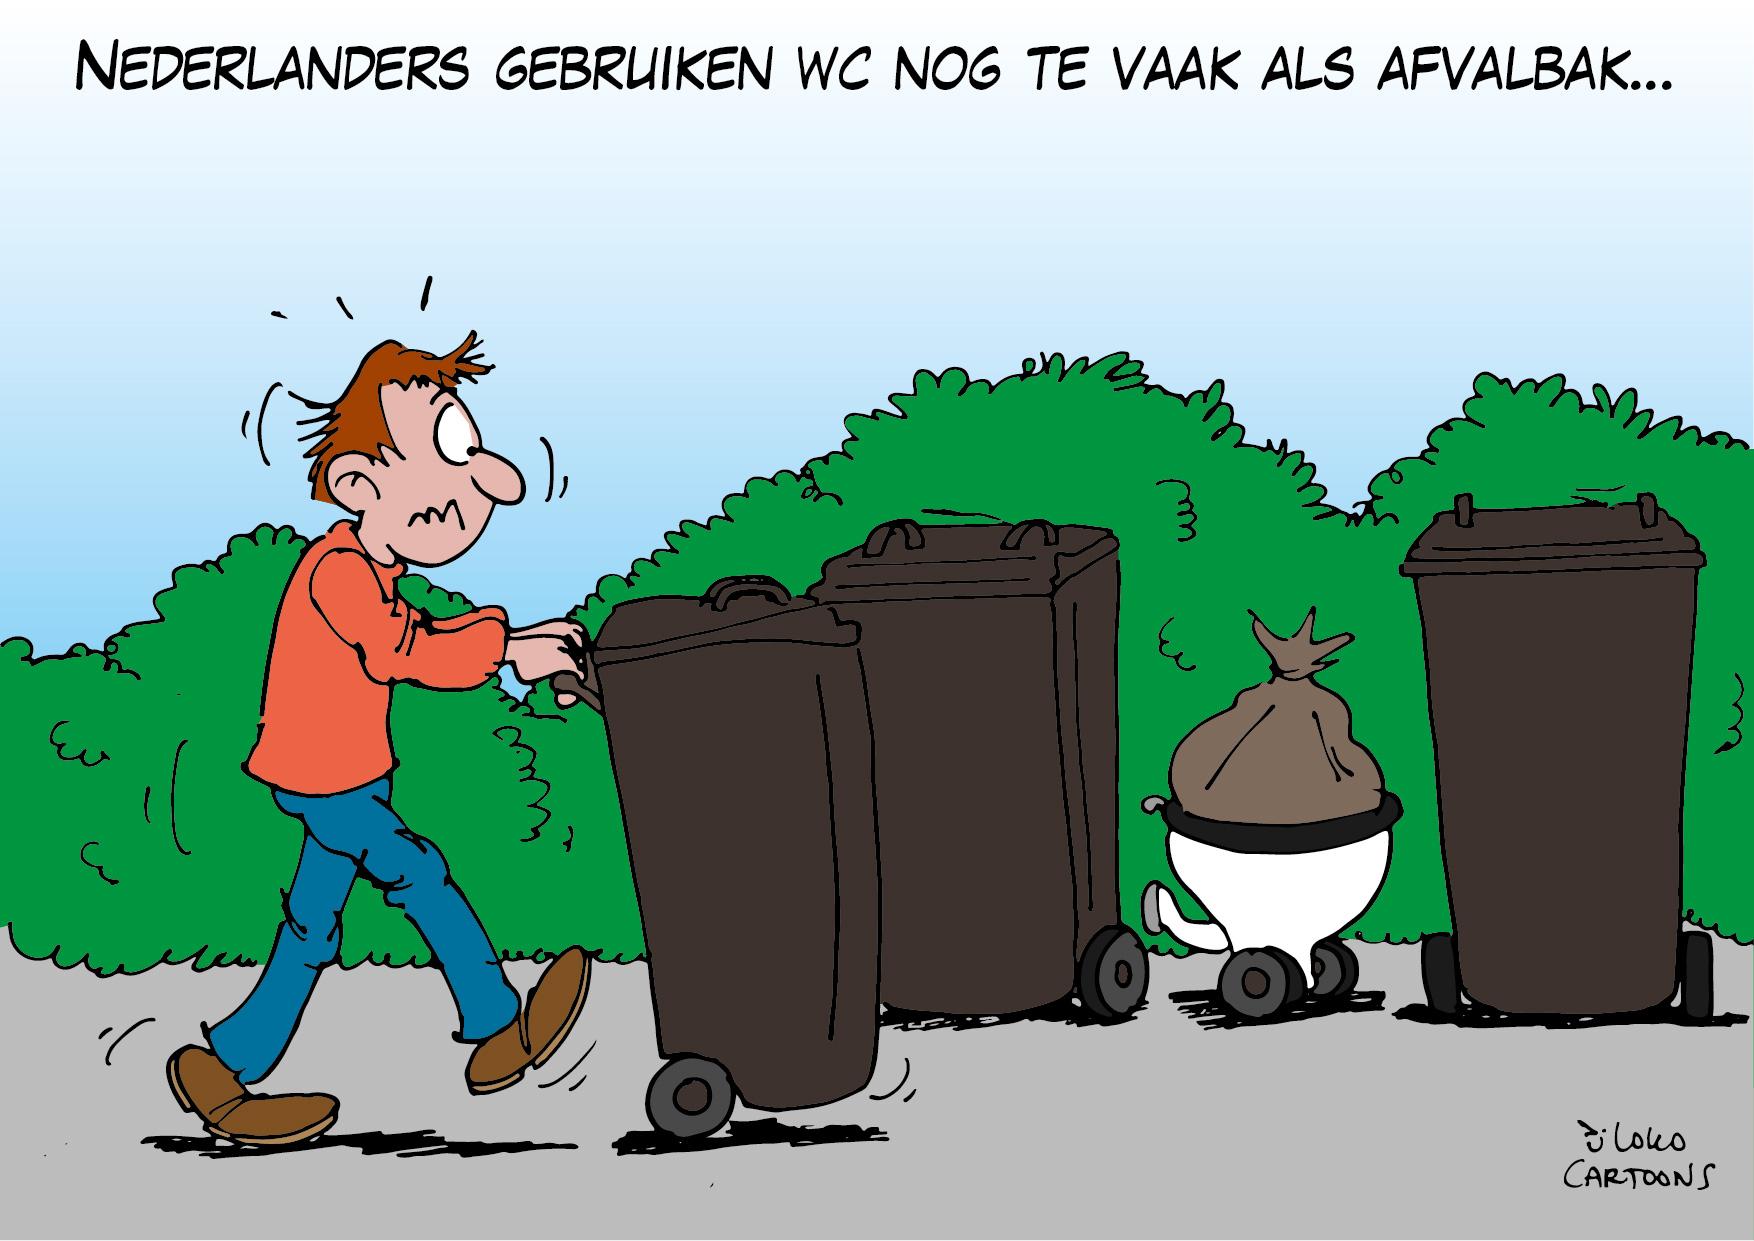 Nederlanders gebruiken WC nog te vaak als afvalbak…